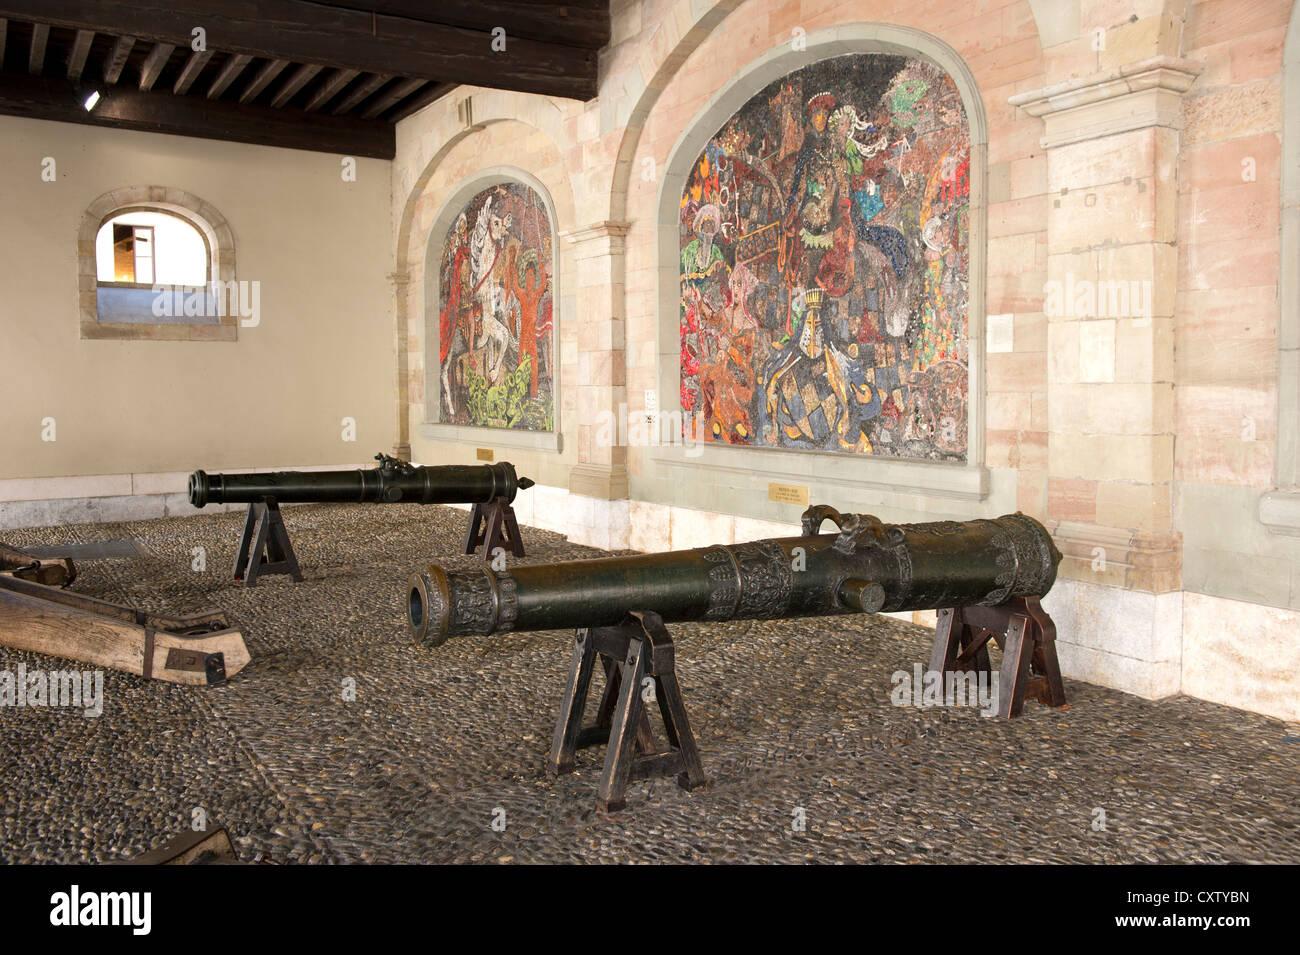 Pistole medievale dell'artiglieria di Ginevra nell'ex arsenale, Ginevra, Svizzera Immagini Stock